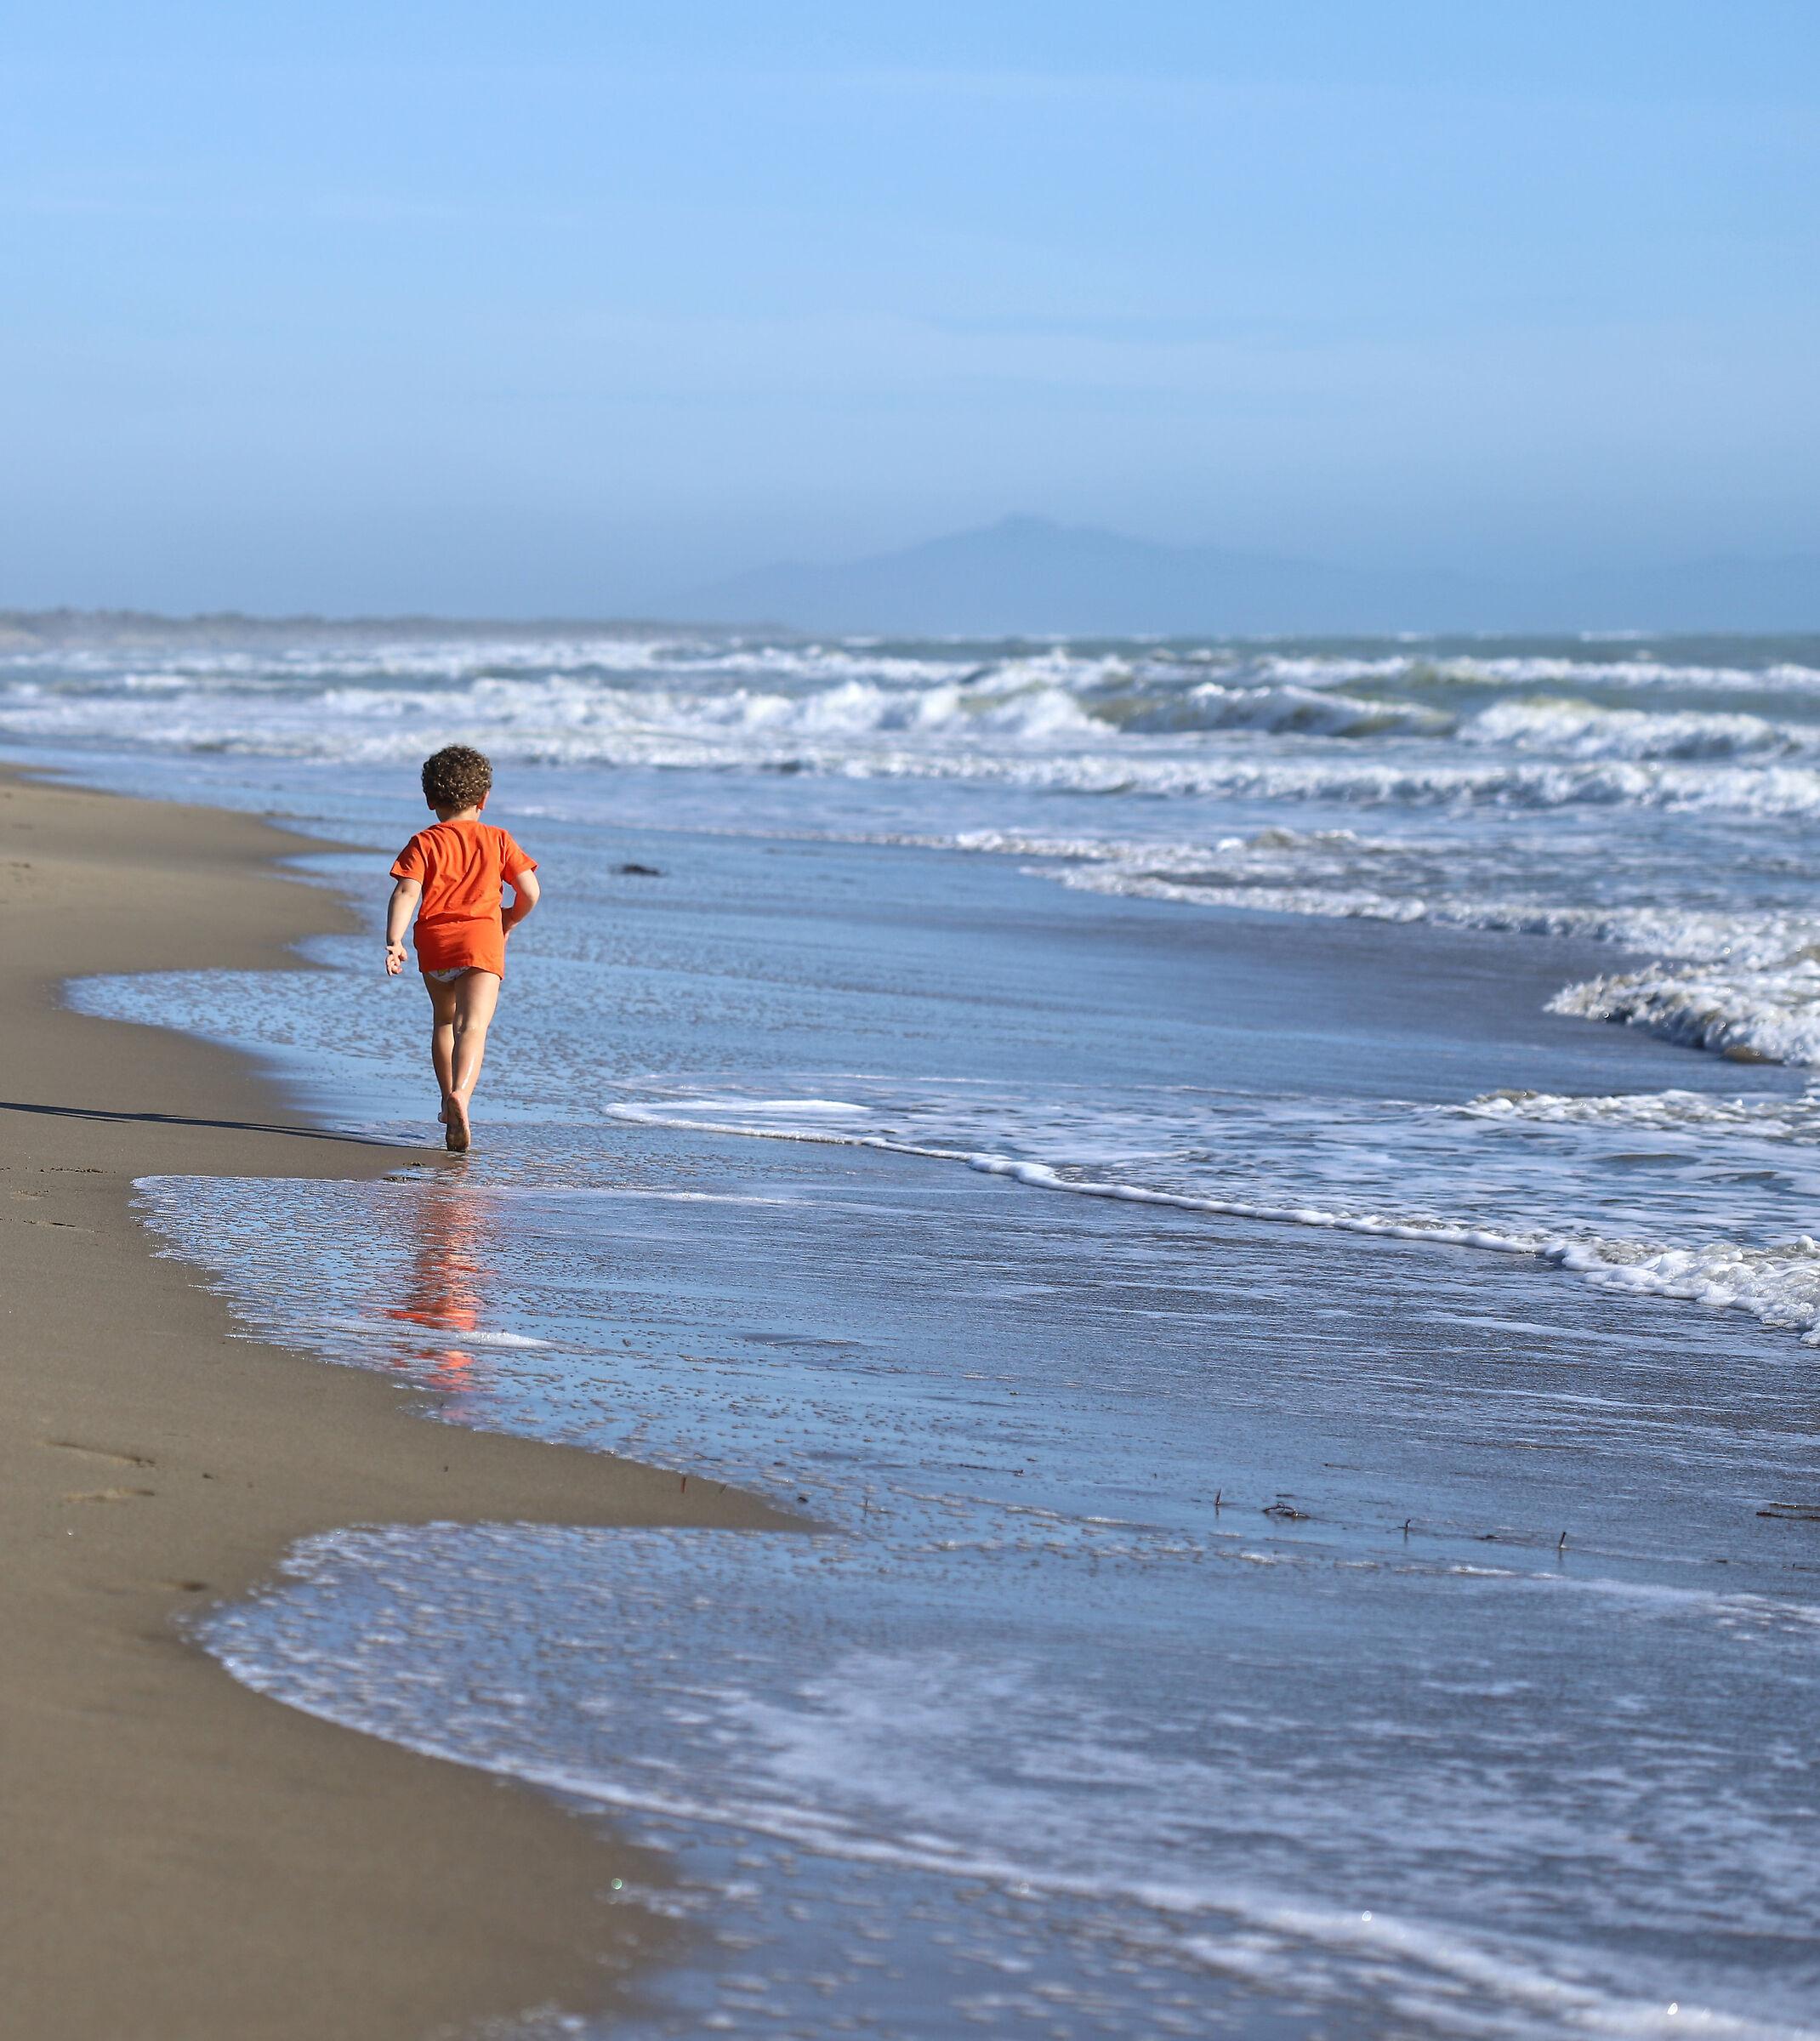 Spiaggia libera...